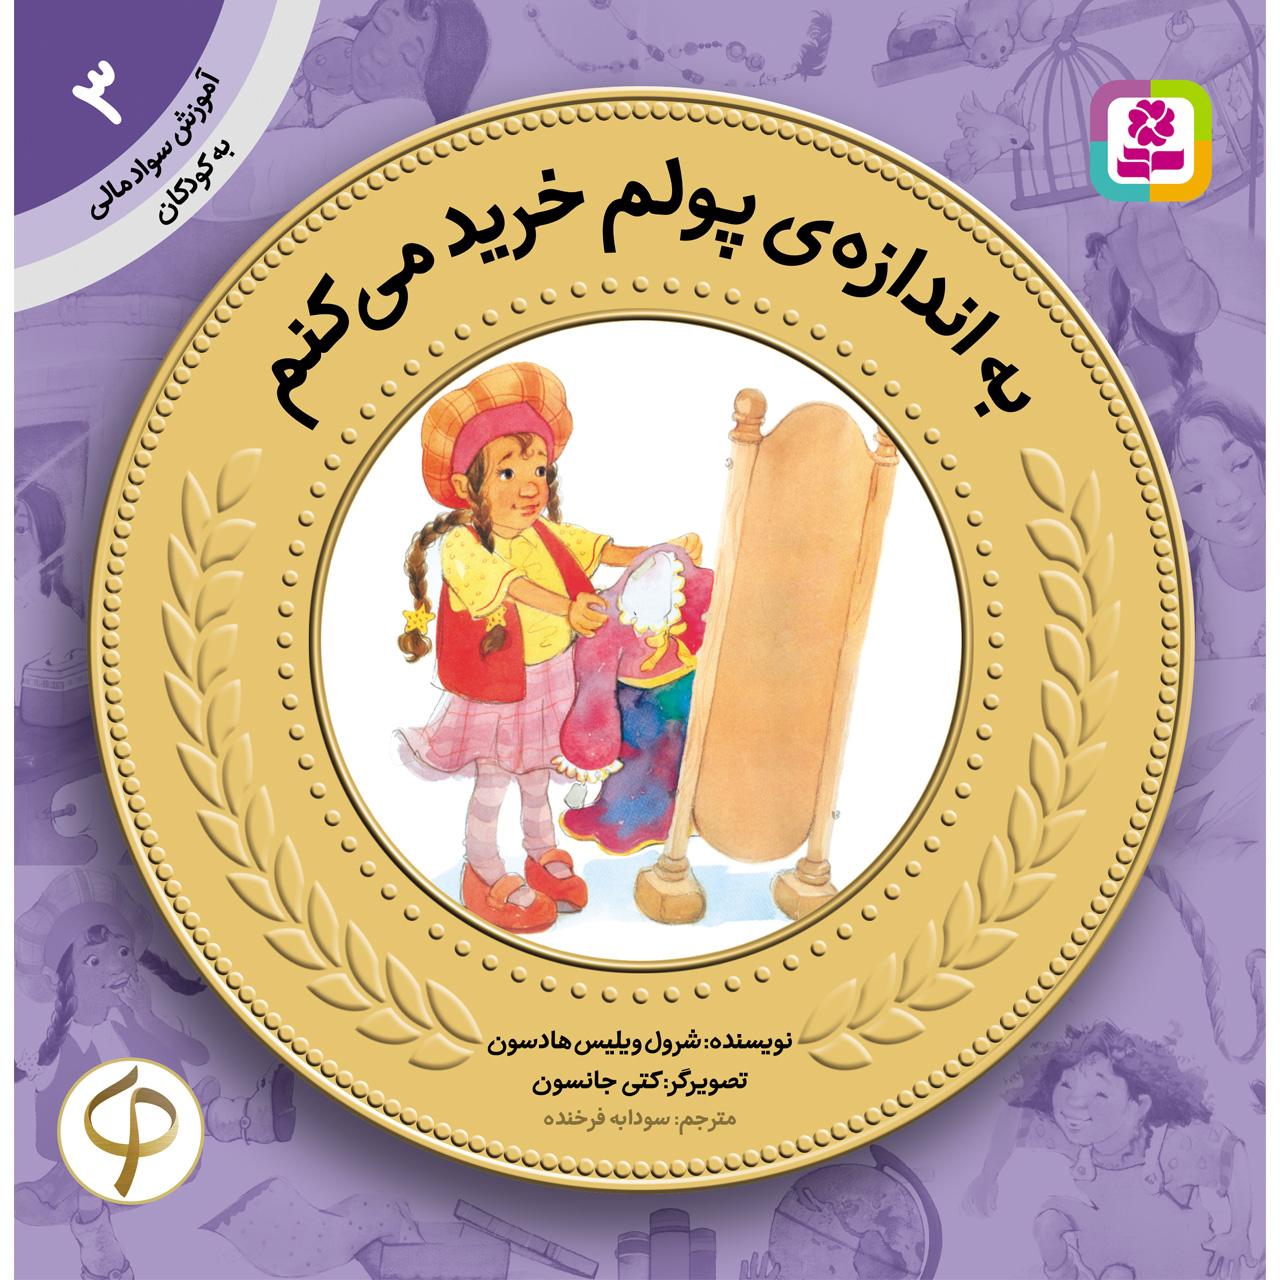 خرید                      کتاب آموزش سواد مالی به کودکان 3 به اندازهی پولم خرید میکنم اثر شرول ویلیس هادسون